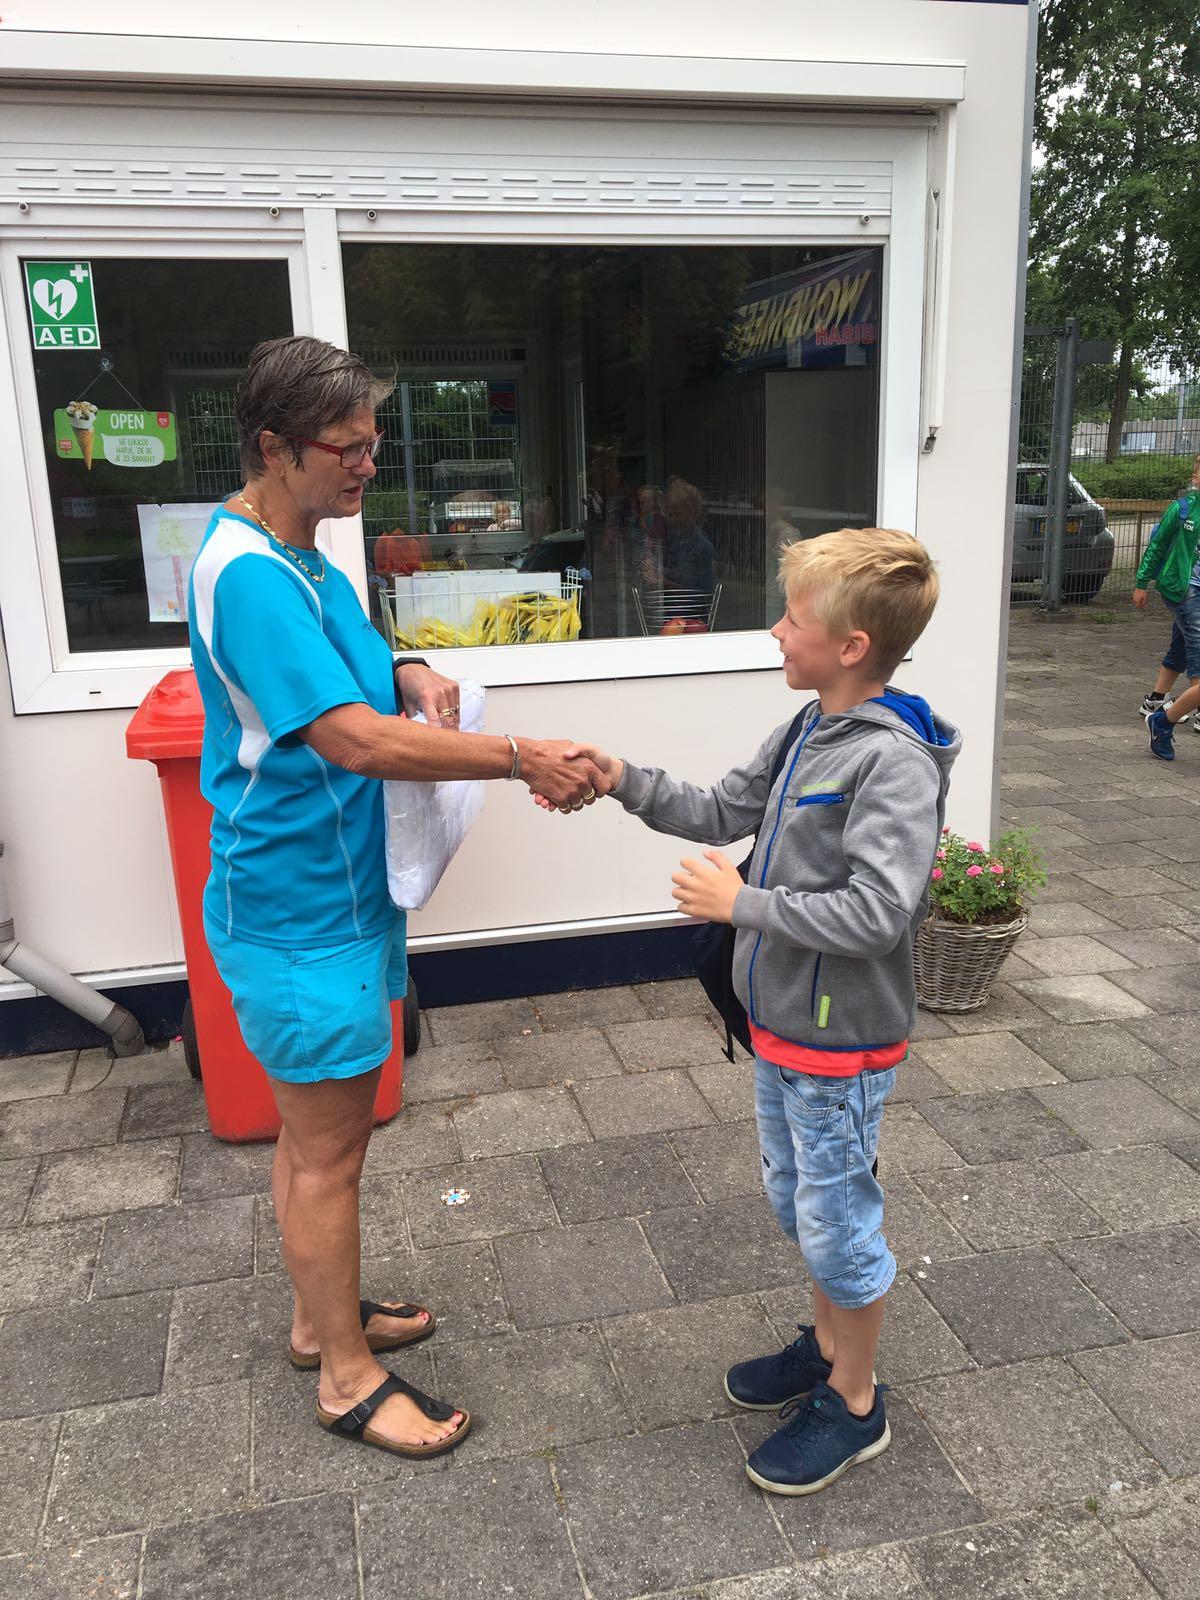 HOOGWOUD – Joppe van den Brom uit Hoogwoud ging vorige week met zijn klasgenootjes van basisschool St. Wulfram schoolzwemmen in zwembad 't Woudmeer, aan De Weijver 4 in Hoogwoud. Hij was de tienduizendste bezoeker van dit zwemseizoen. Joppe kreeg een 25-badenboekje en badlaken uitgereikt.